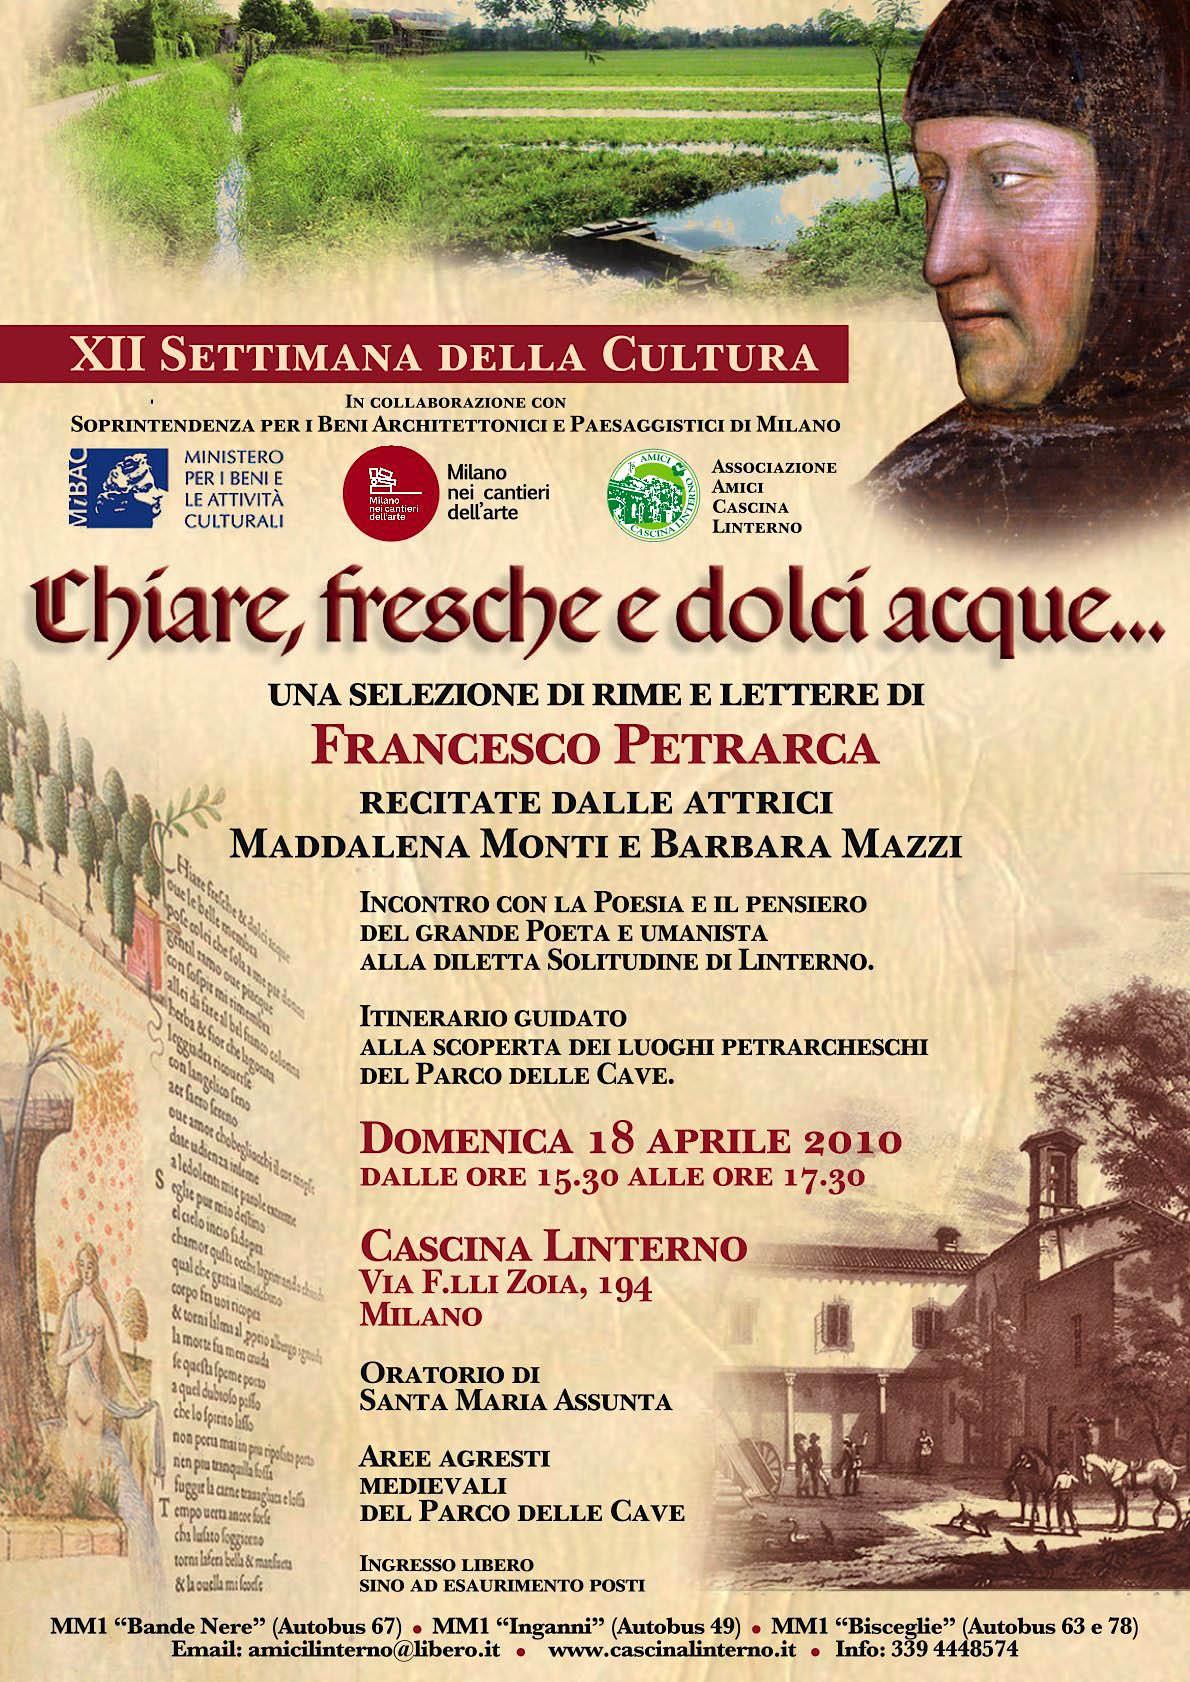 Settimana della Cultura: 'Chiare, fresche e dolci acque...' Locandina (2010)